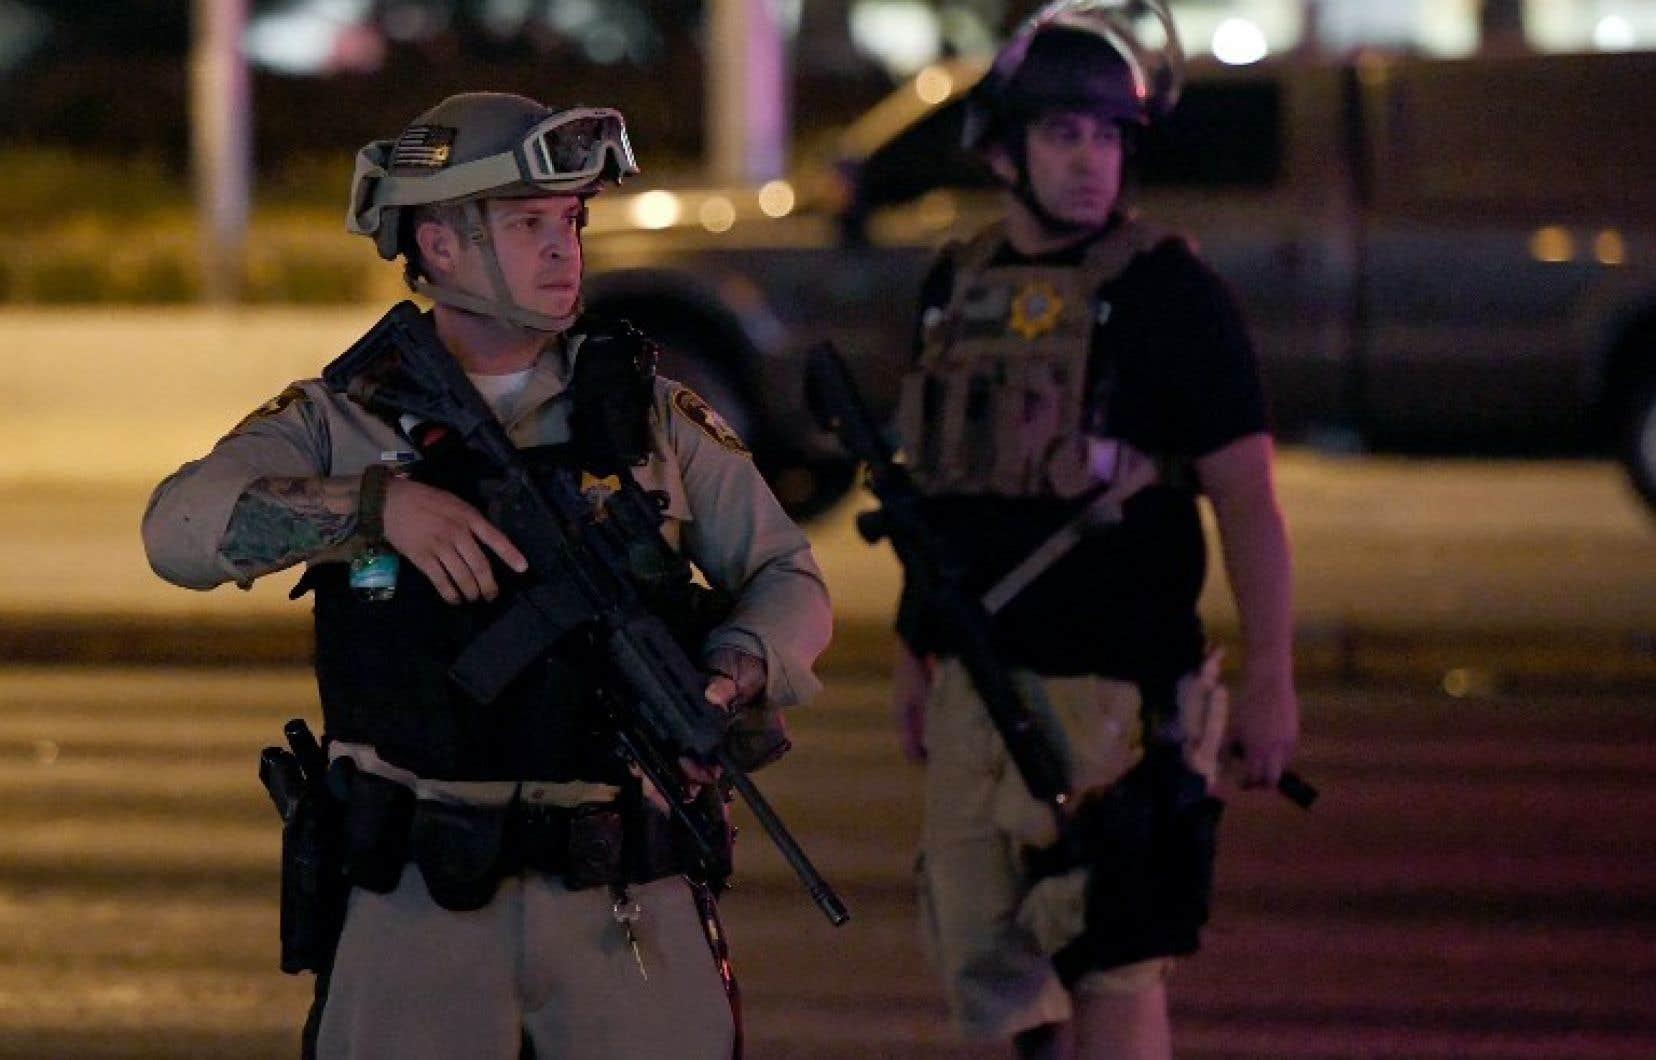 La police a indiqué lundi que l'homme armé Stephen Paddock avait tiré sur le garde de sécurité environ six minutes avant d'ouvrir le feu sur la foule à l'extérieur.